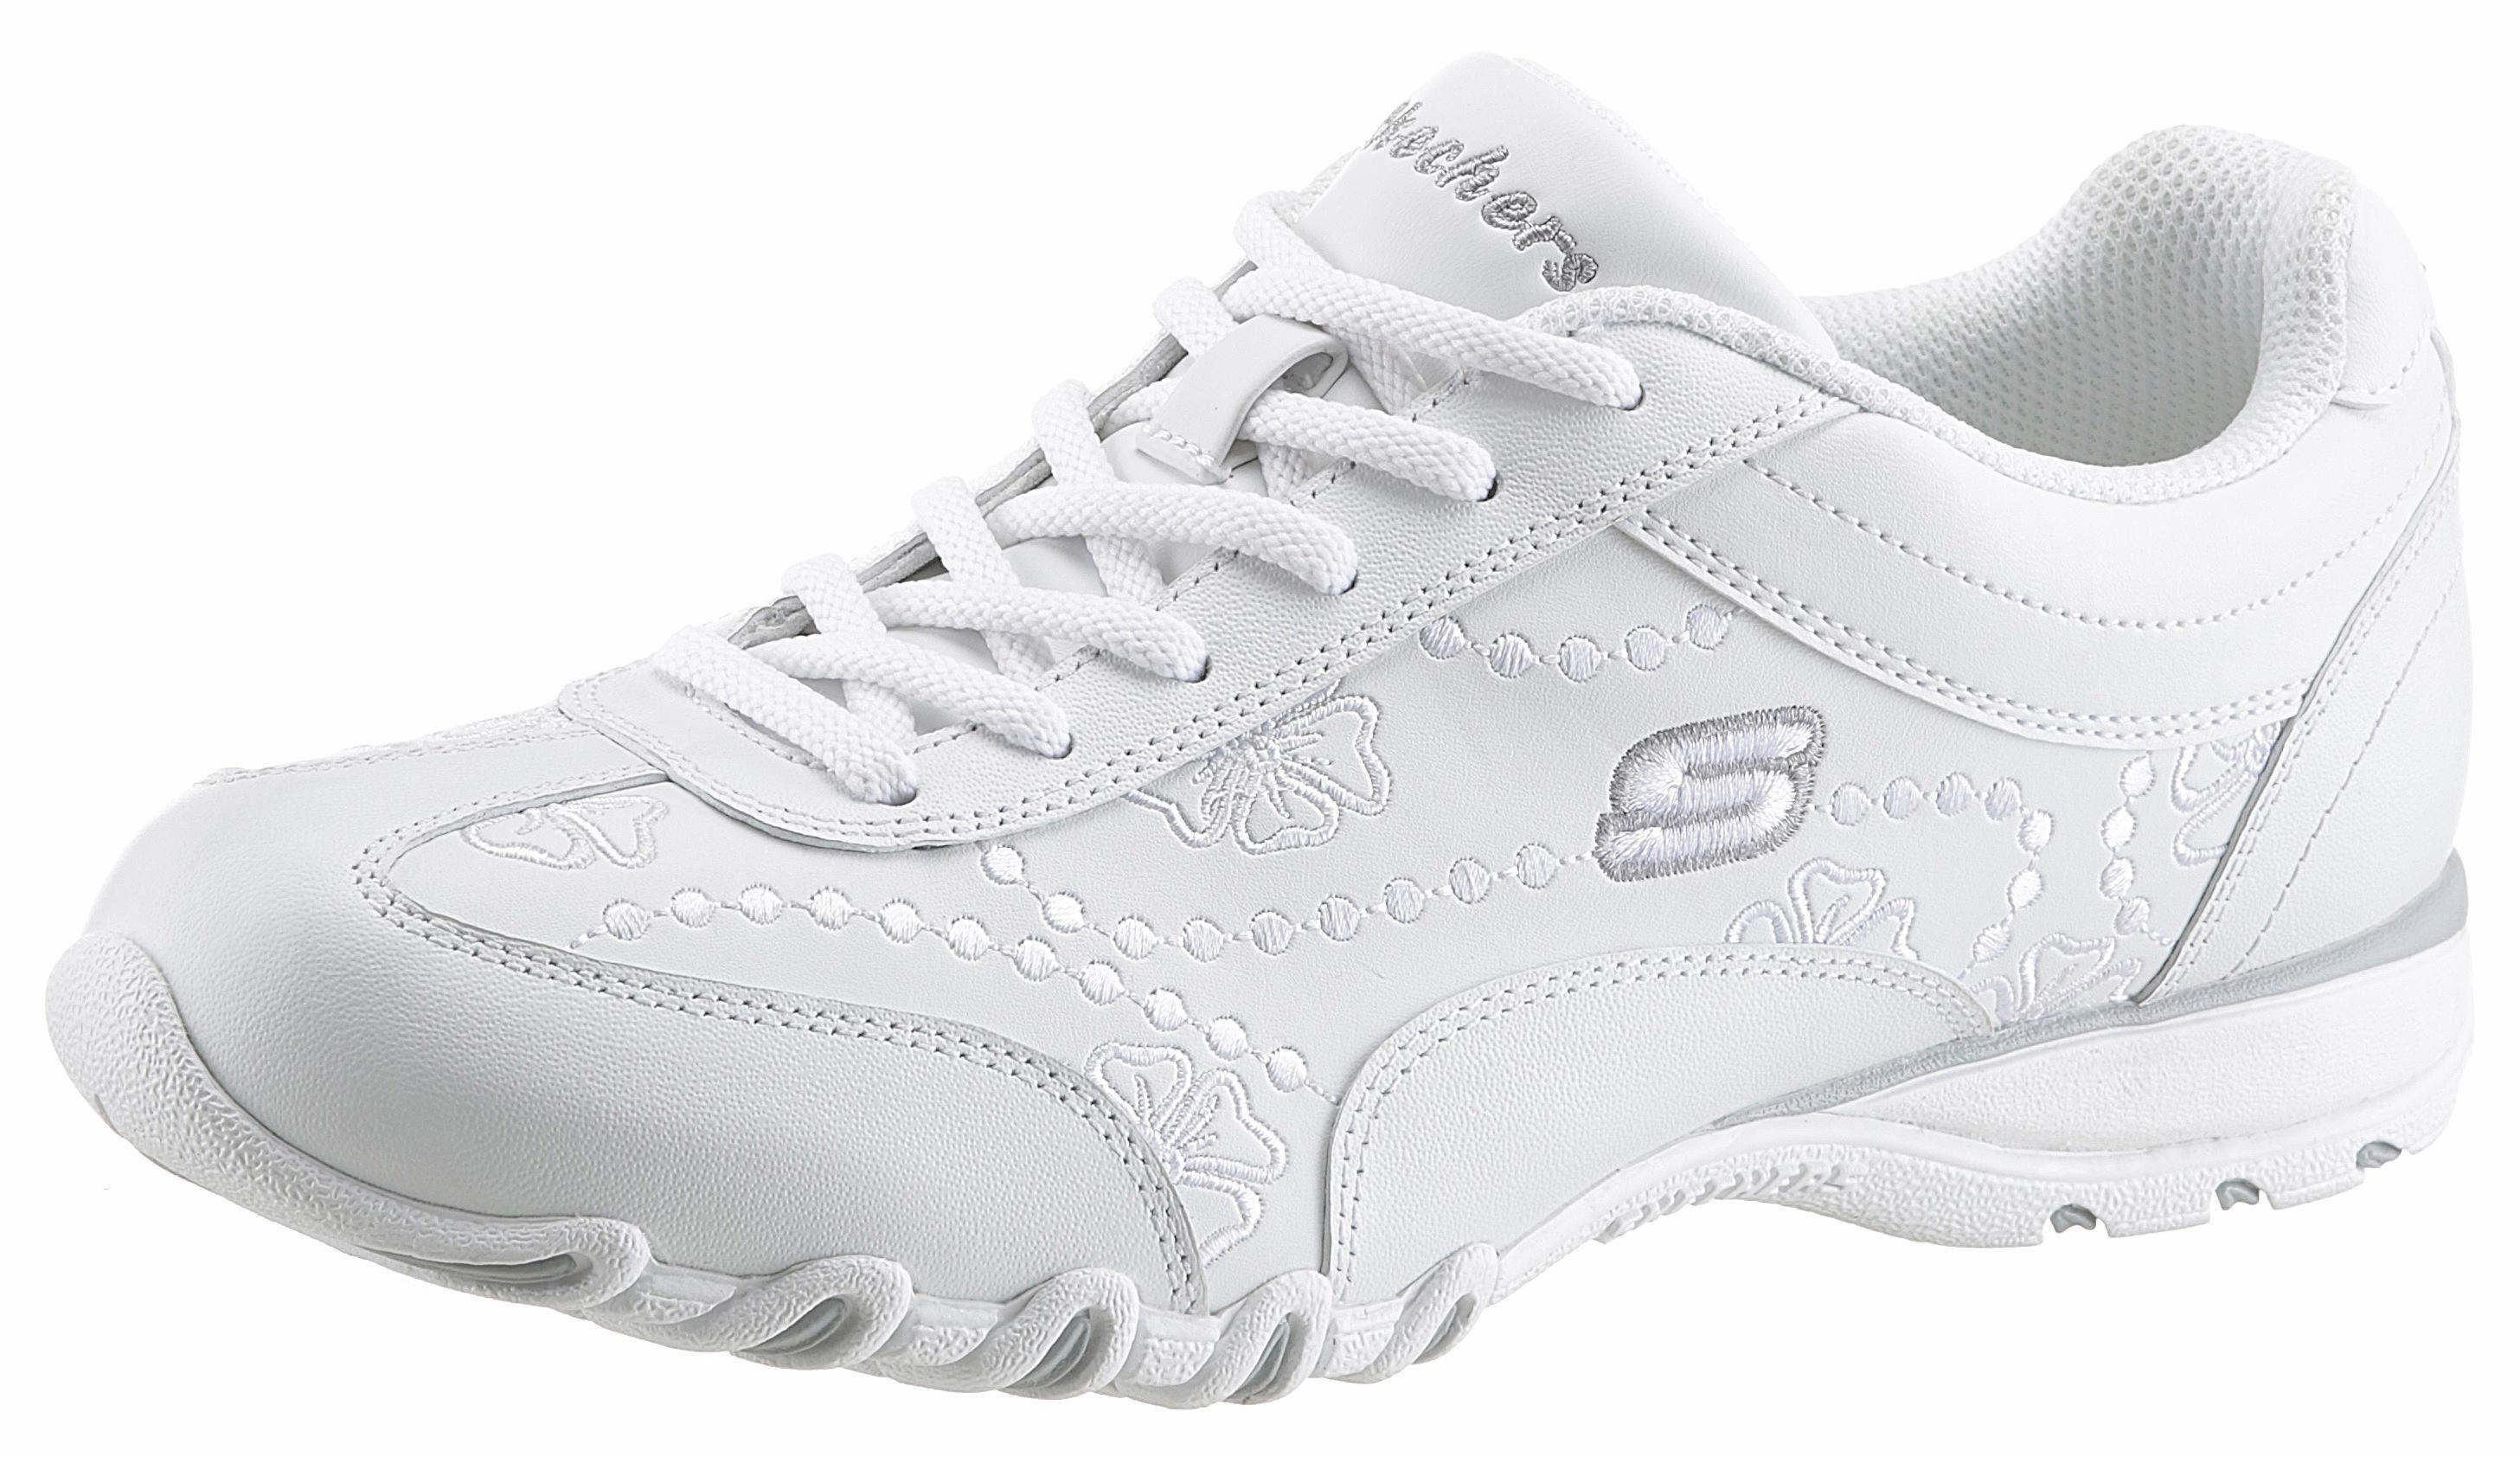 Memory »speedsters Mit Lady« Sneaker FoamOtto Skechers F1TluJ35Kc